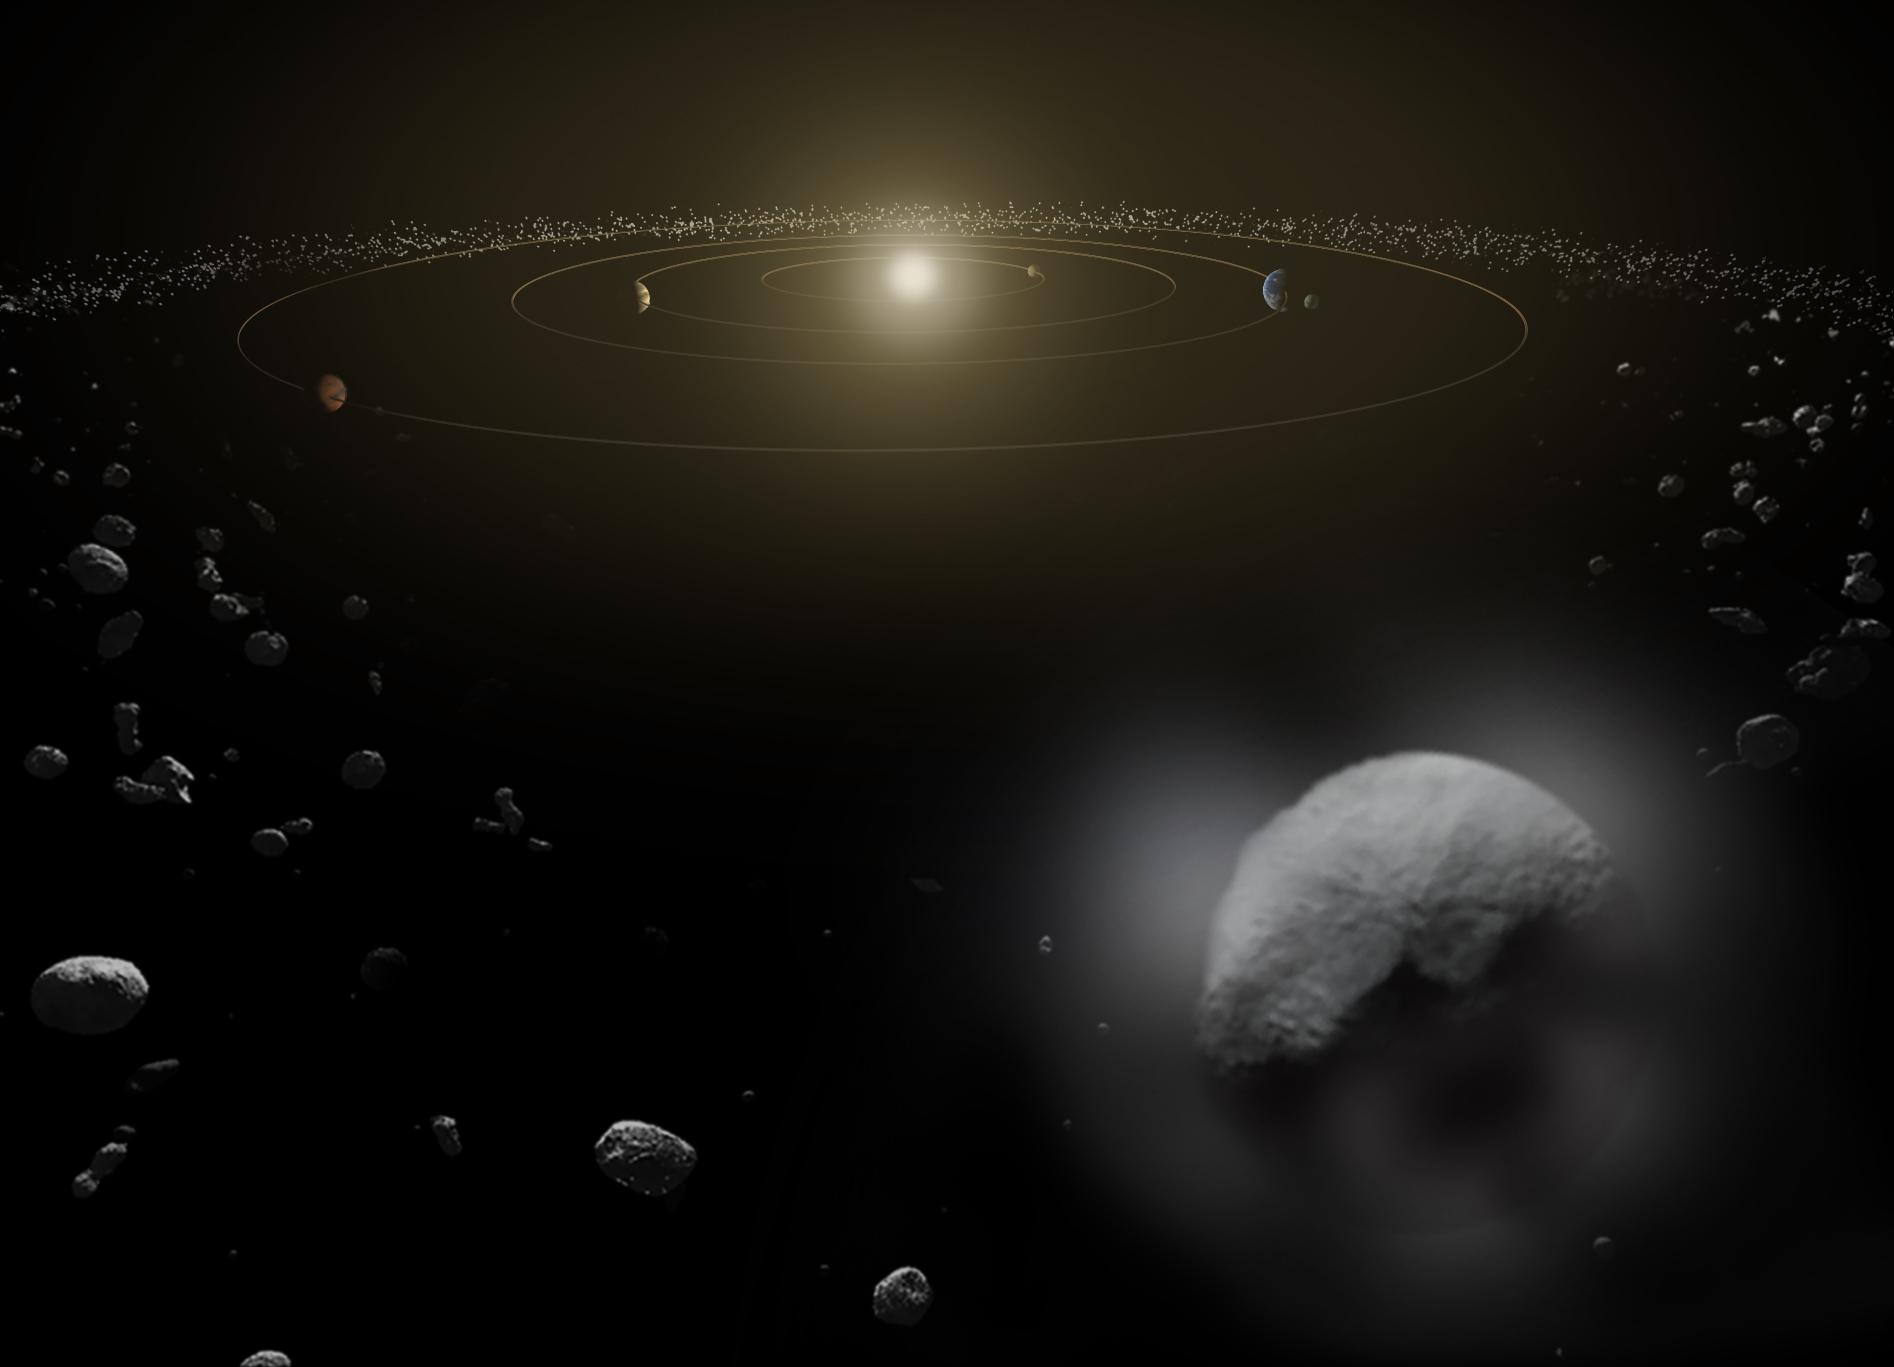 1567217355958-Herschel_Ceres_water_vapour.jpg